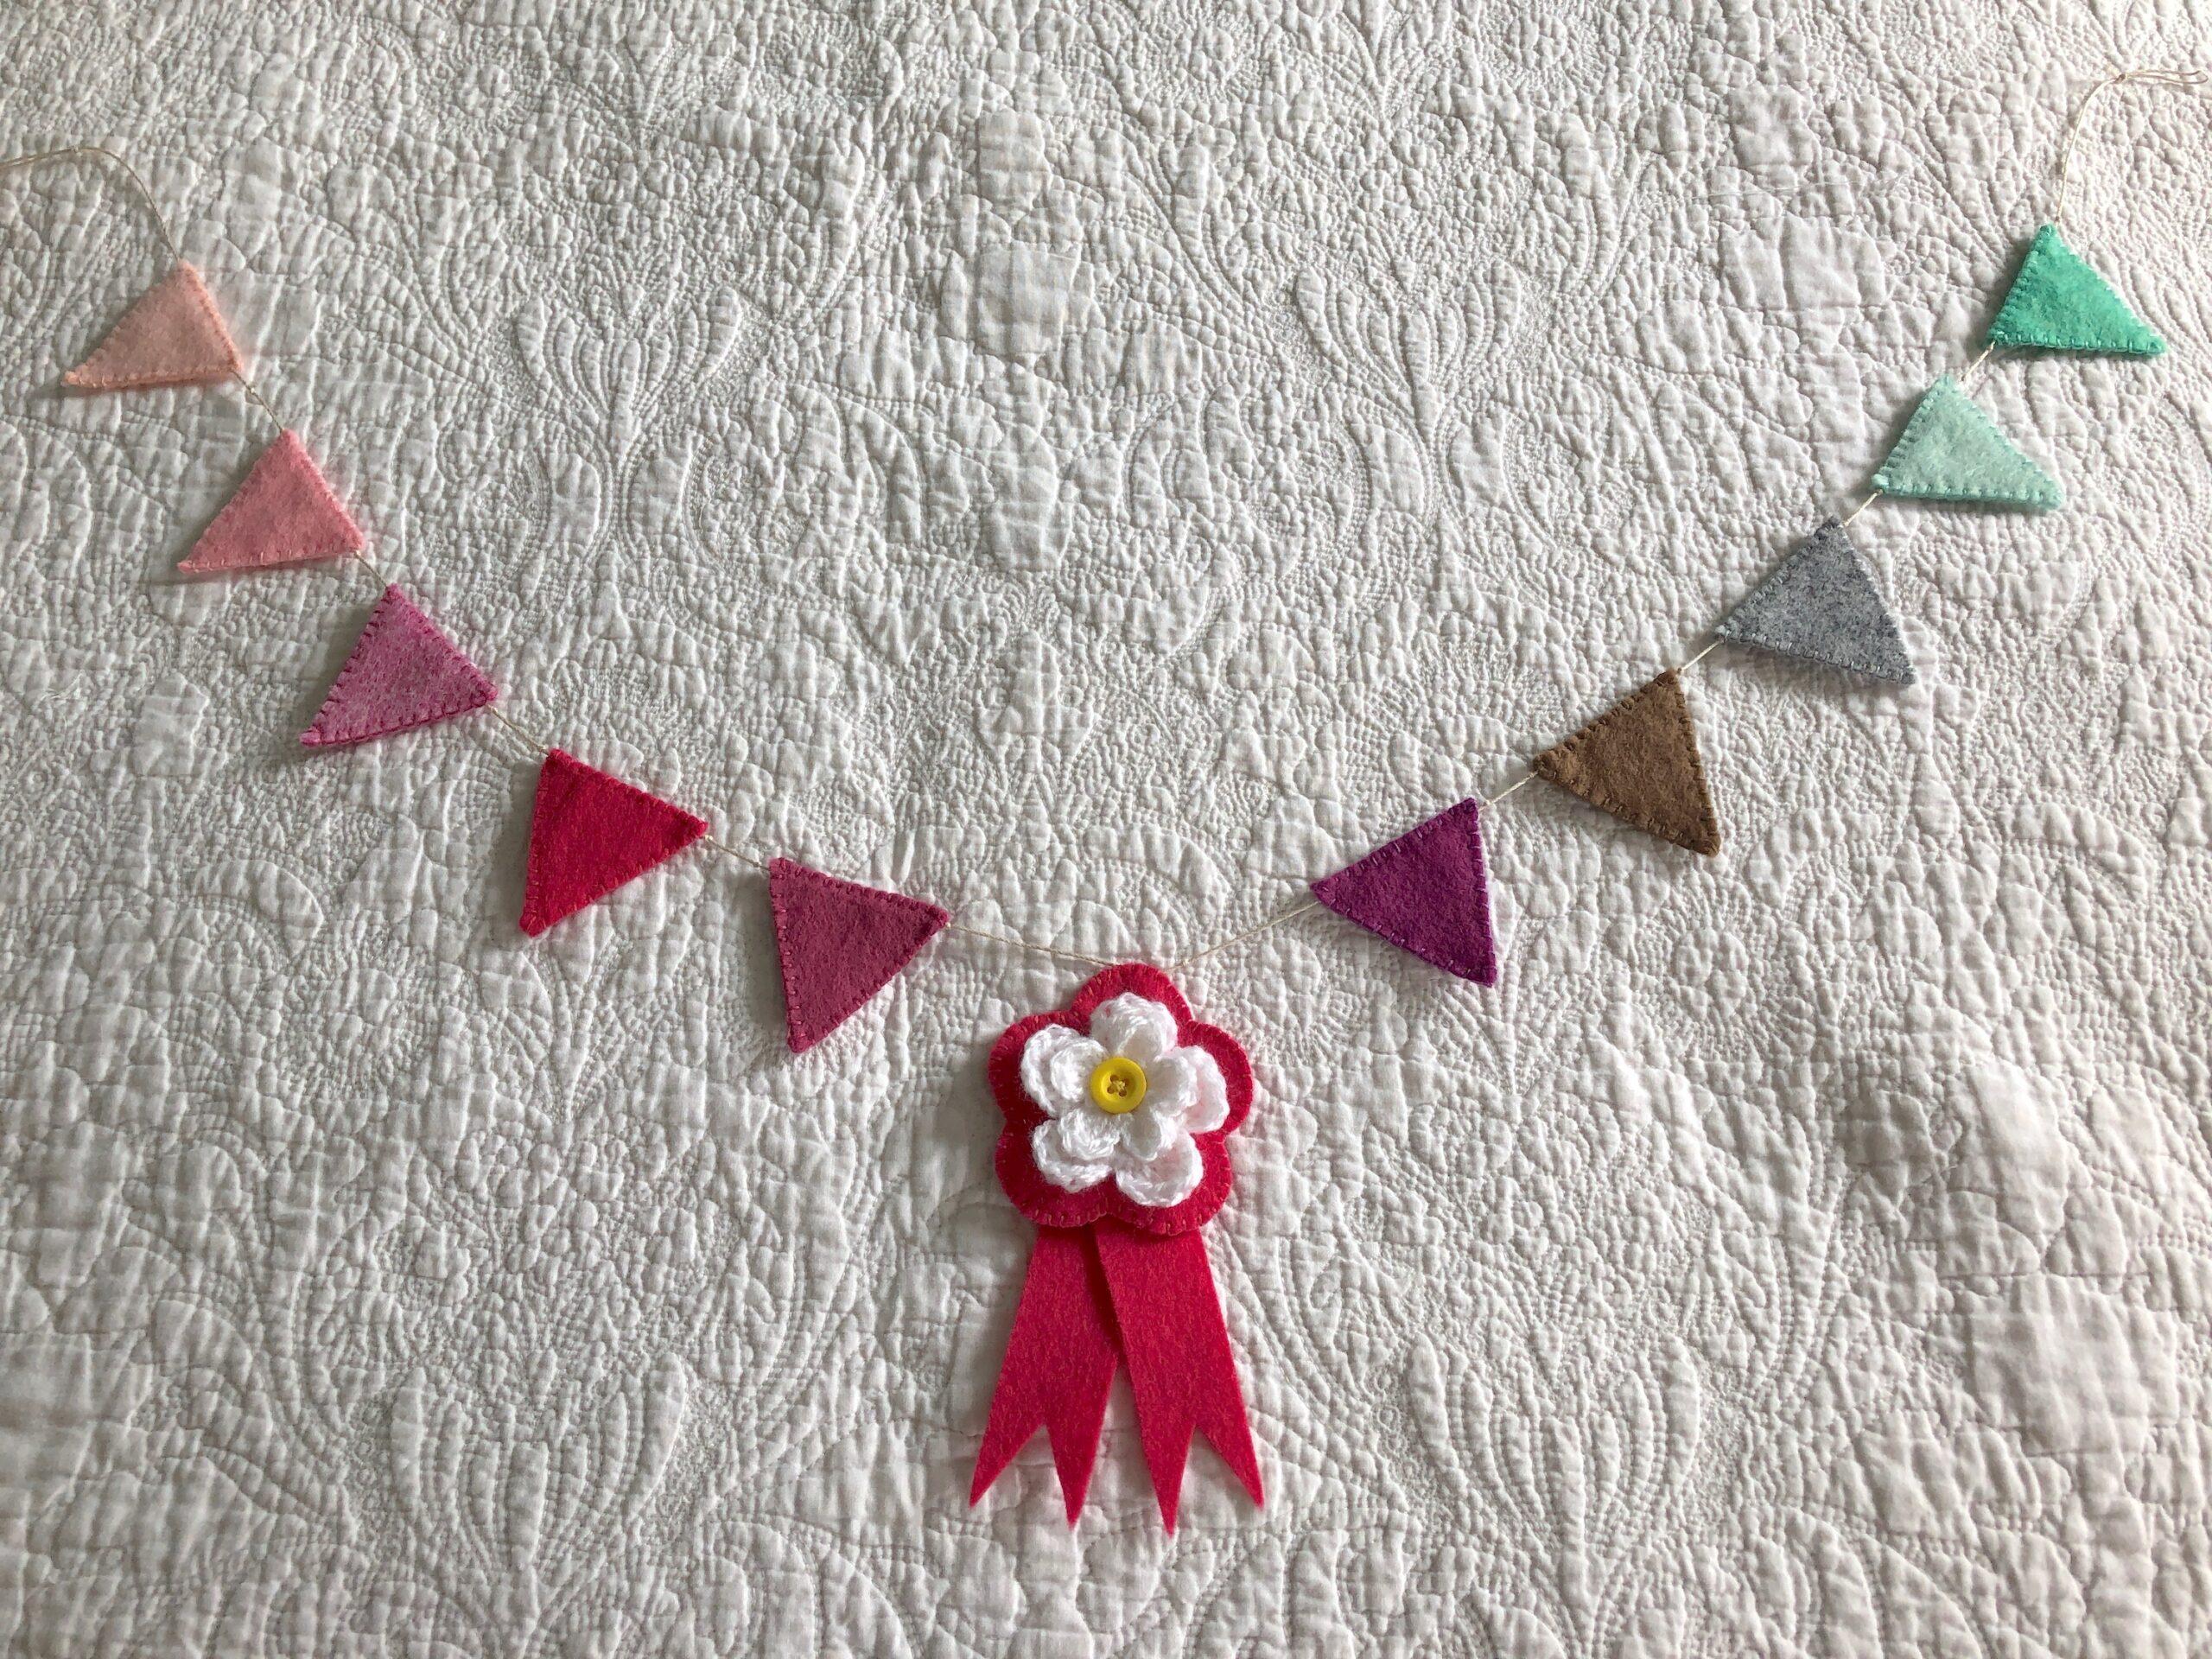 Felt bunting and crocheted flower rosette.